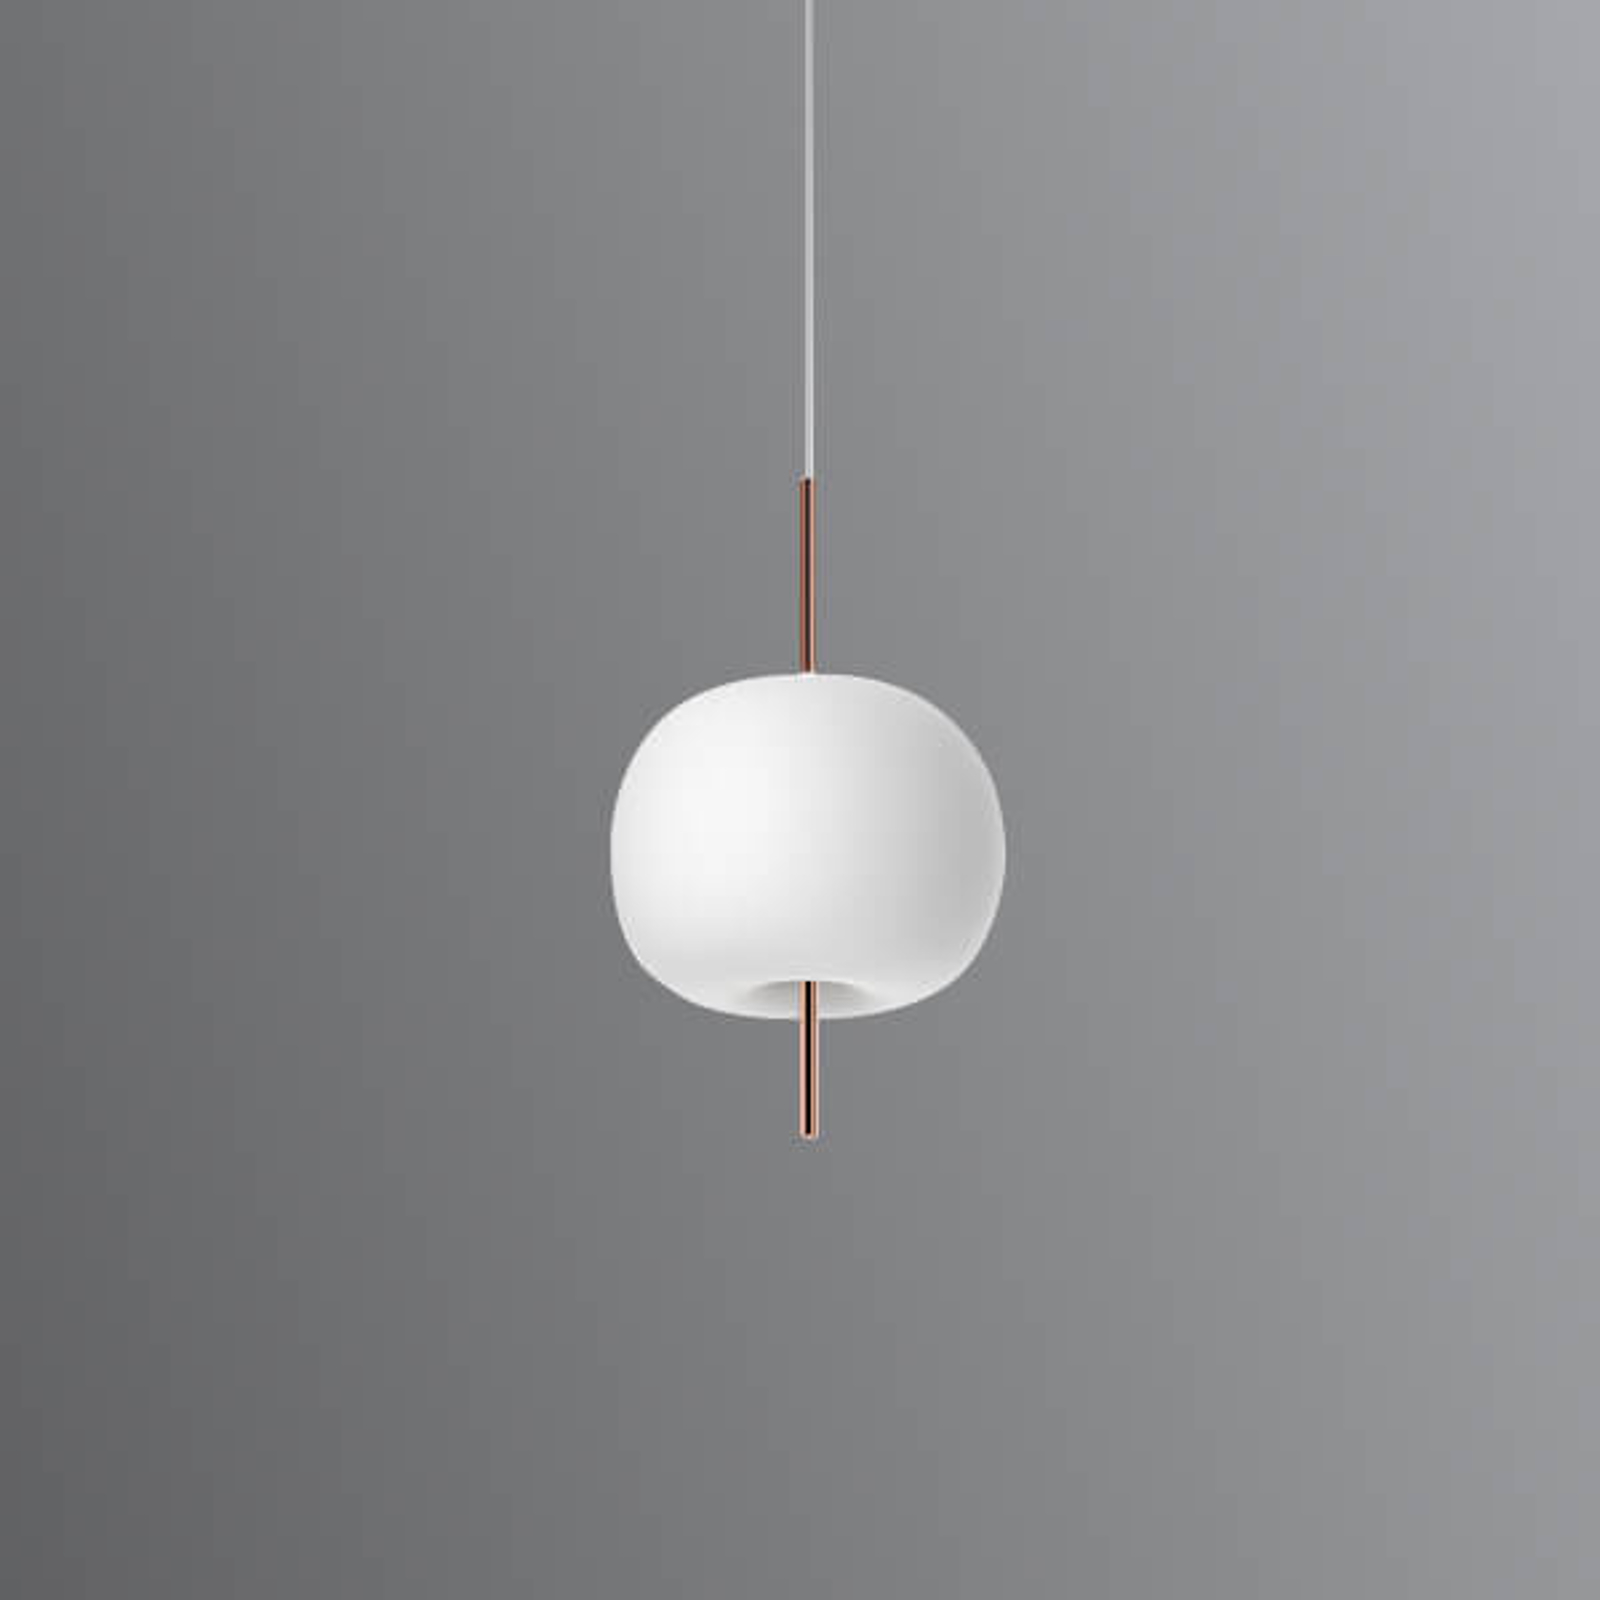 Lampa wisząca LED Kushi, miedziany pręt 16